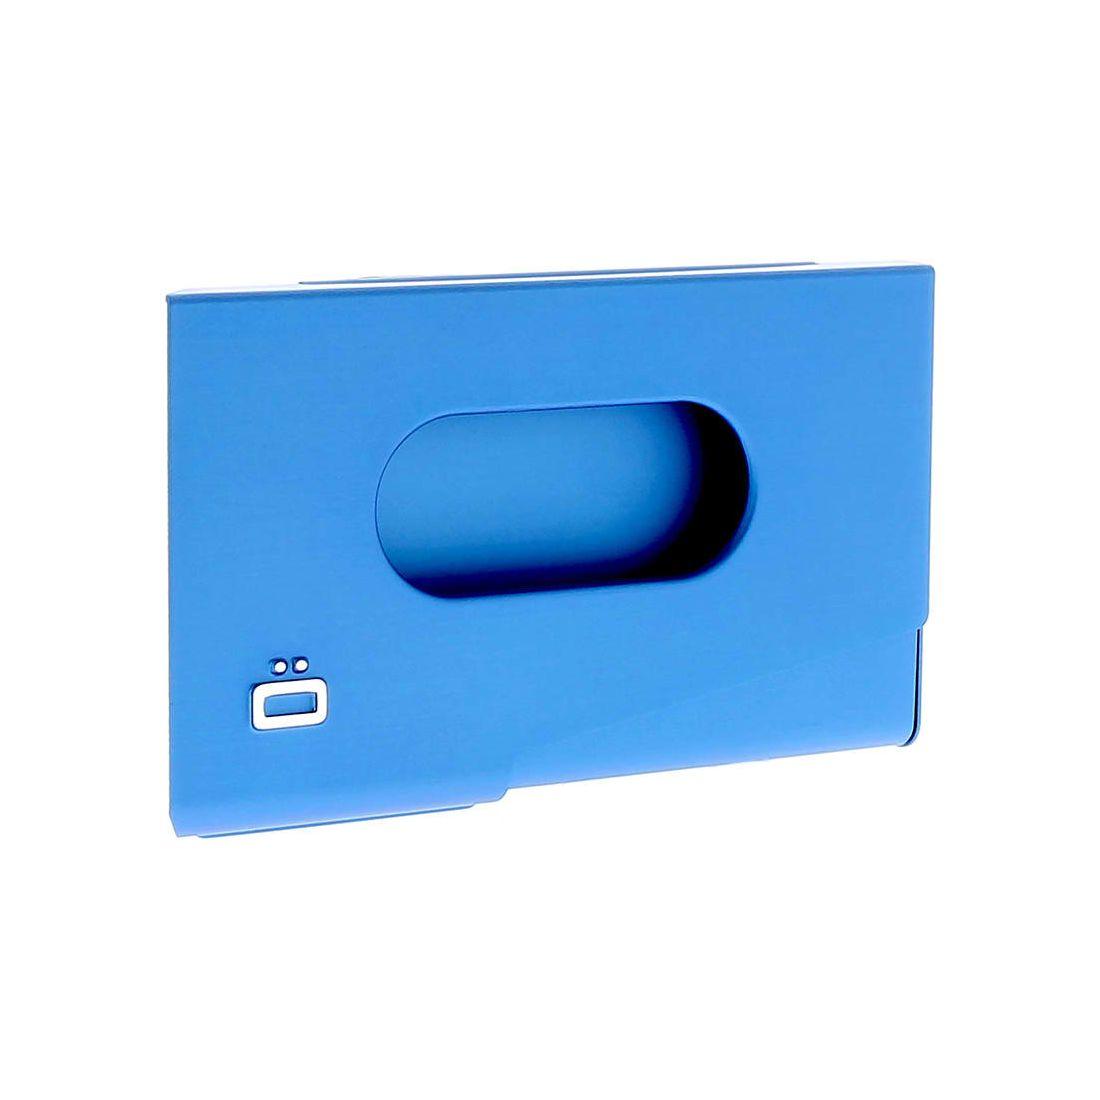 Porte Carte De Visite Alu Bleu Ogon Design One Touch Designs Loading Zoom